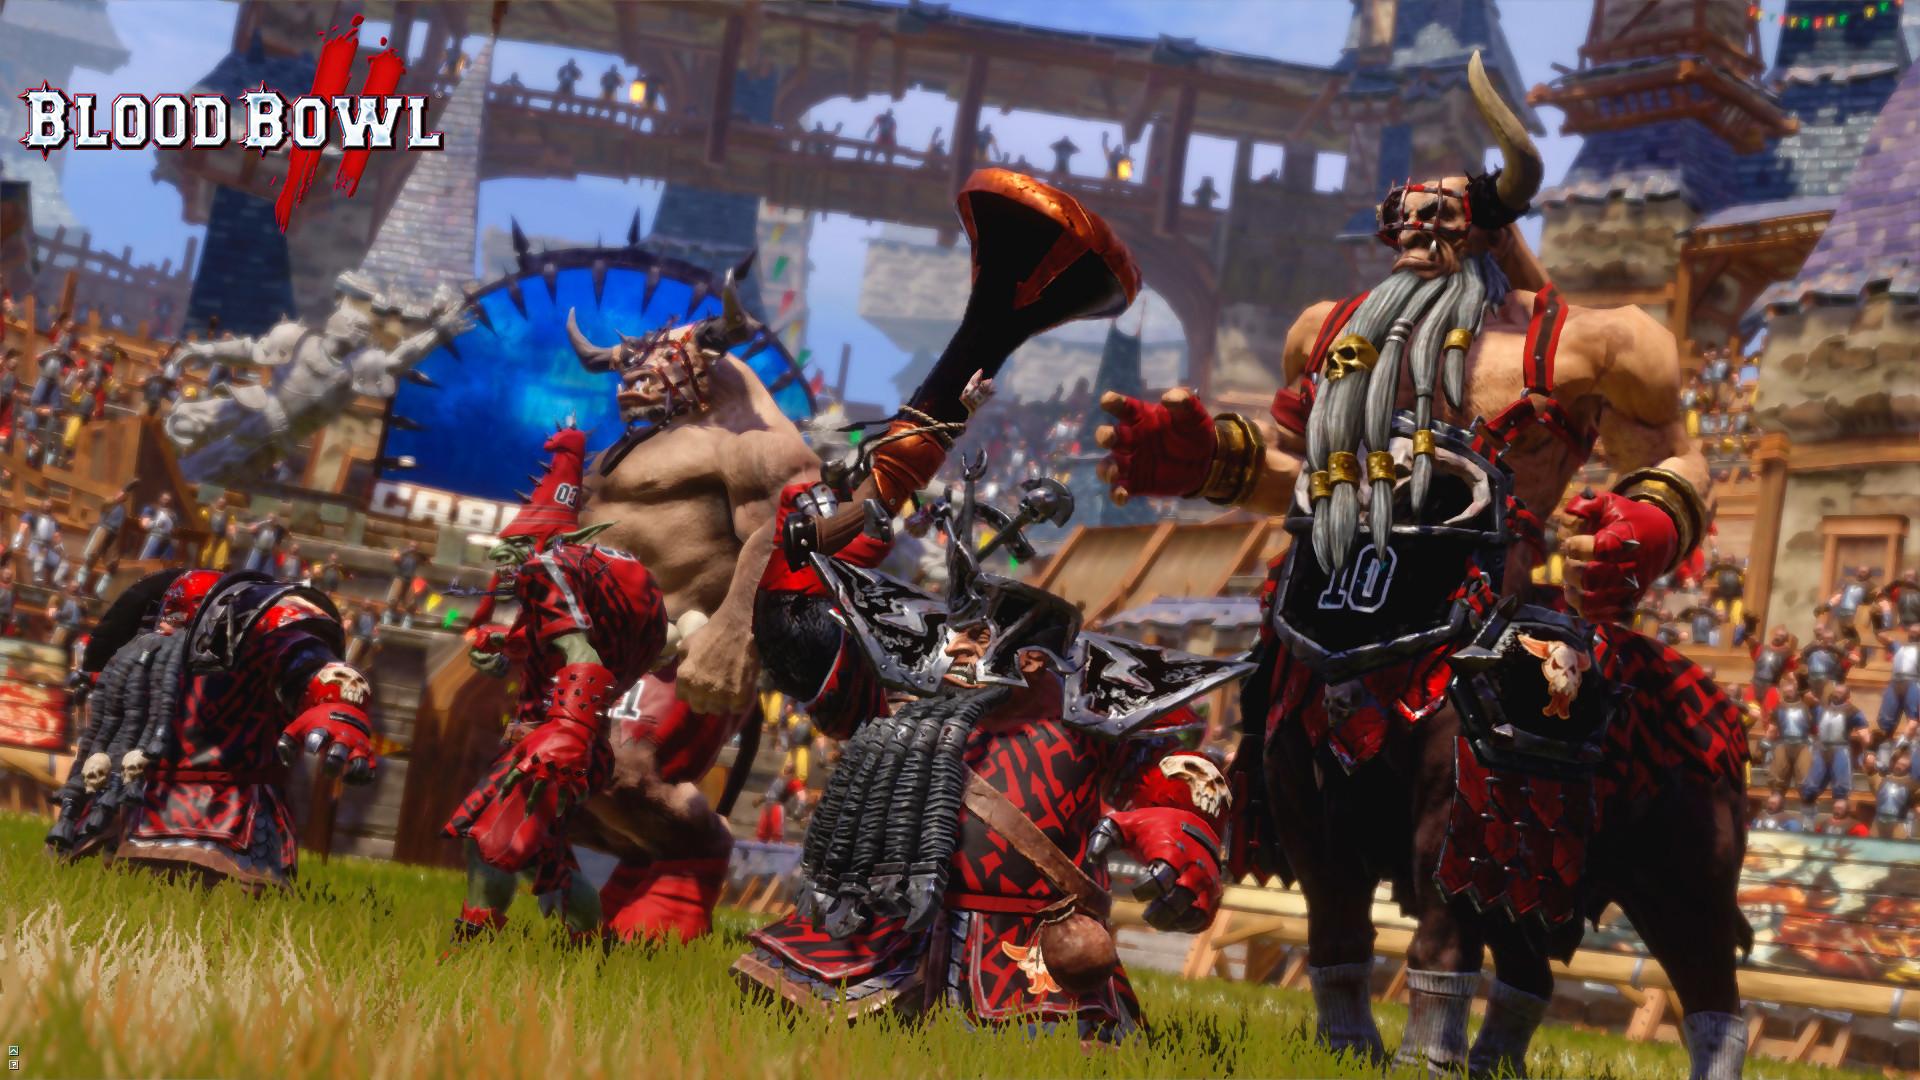 Les nouveaux jeux vidéos pour Warhammer - Page 3 Blood-bowl-2-58a4826ab1d08